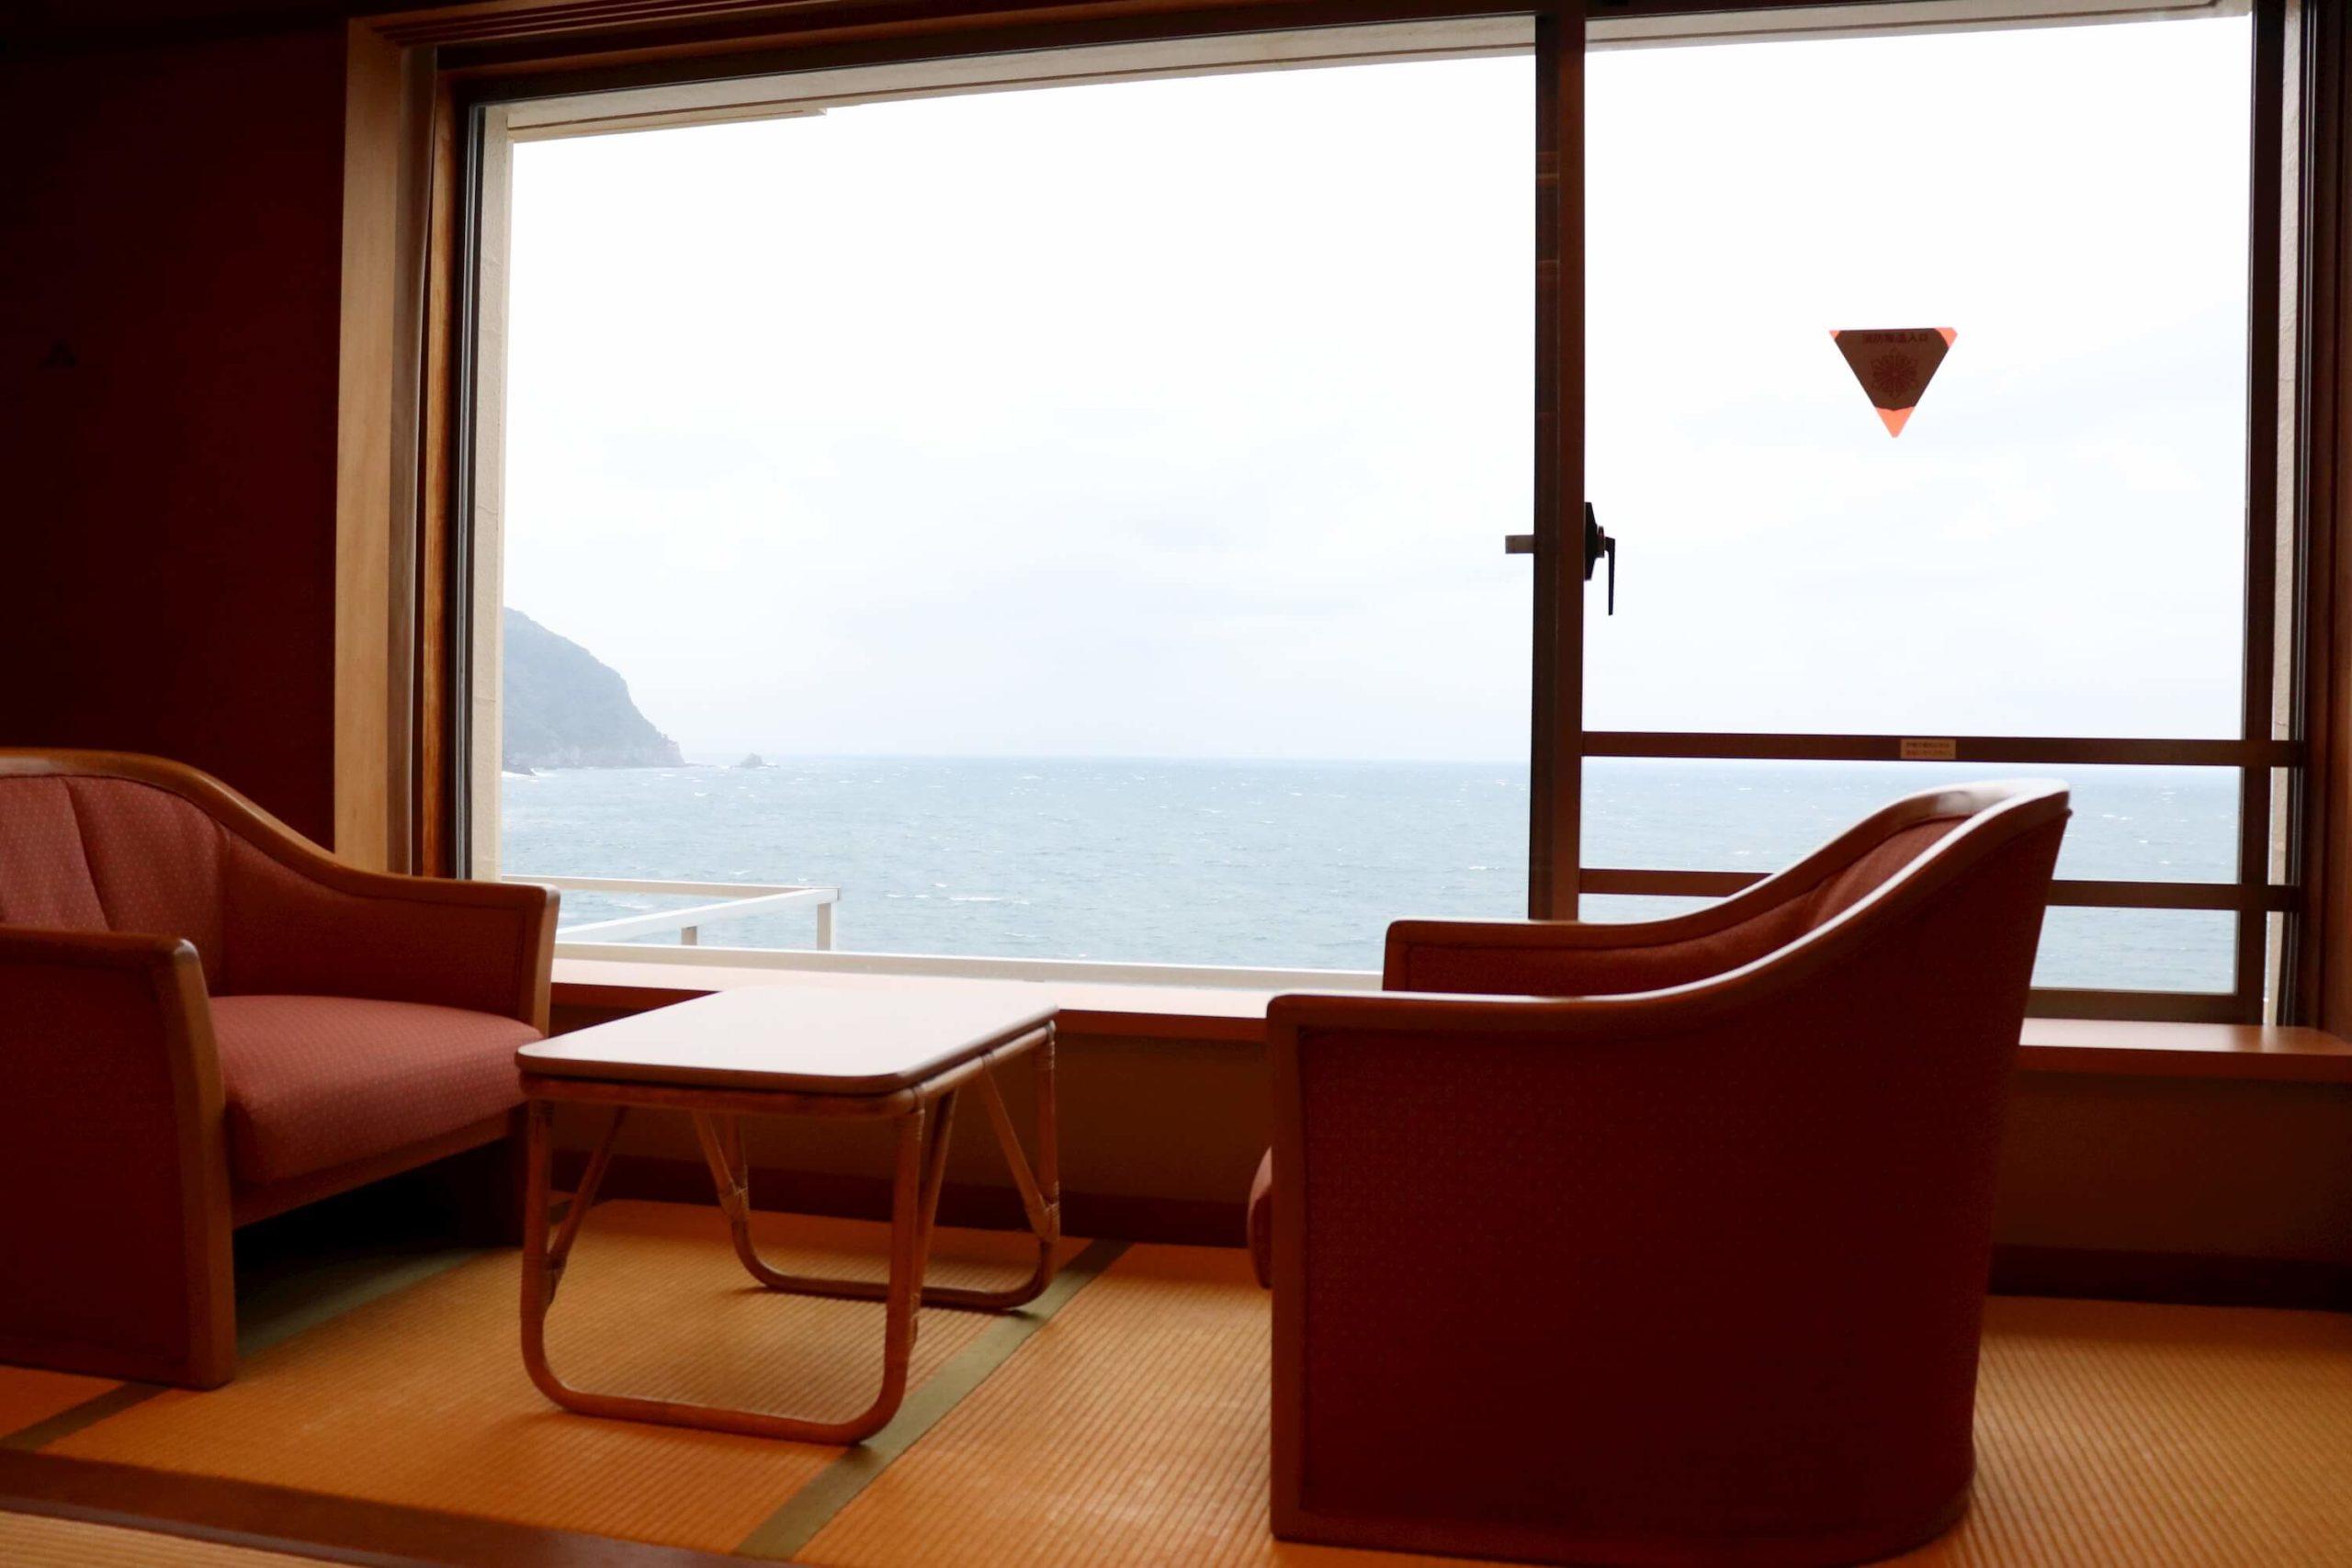 浜の湯の客室と海